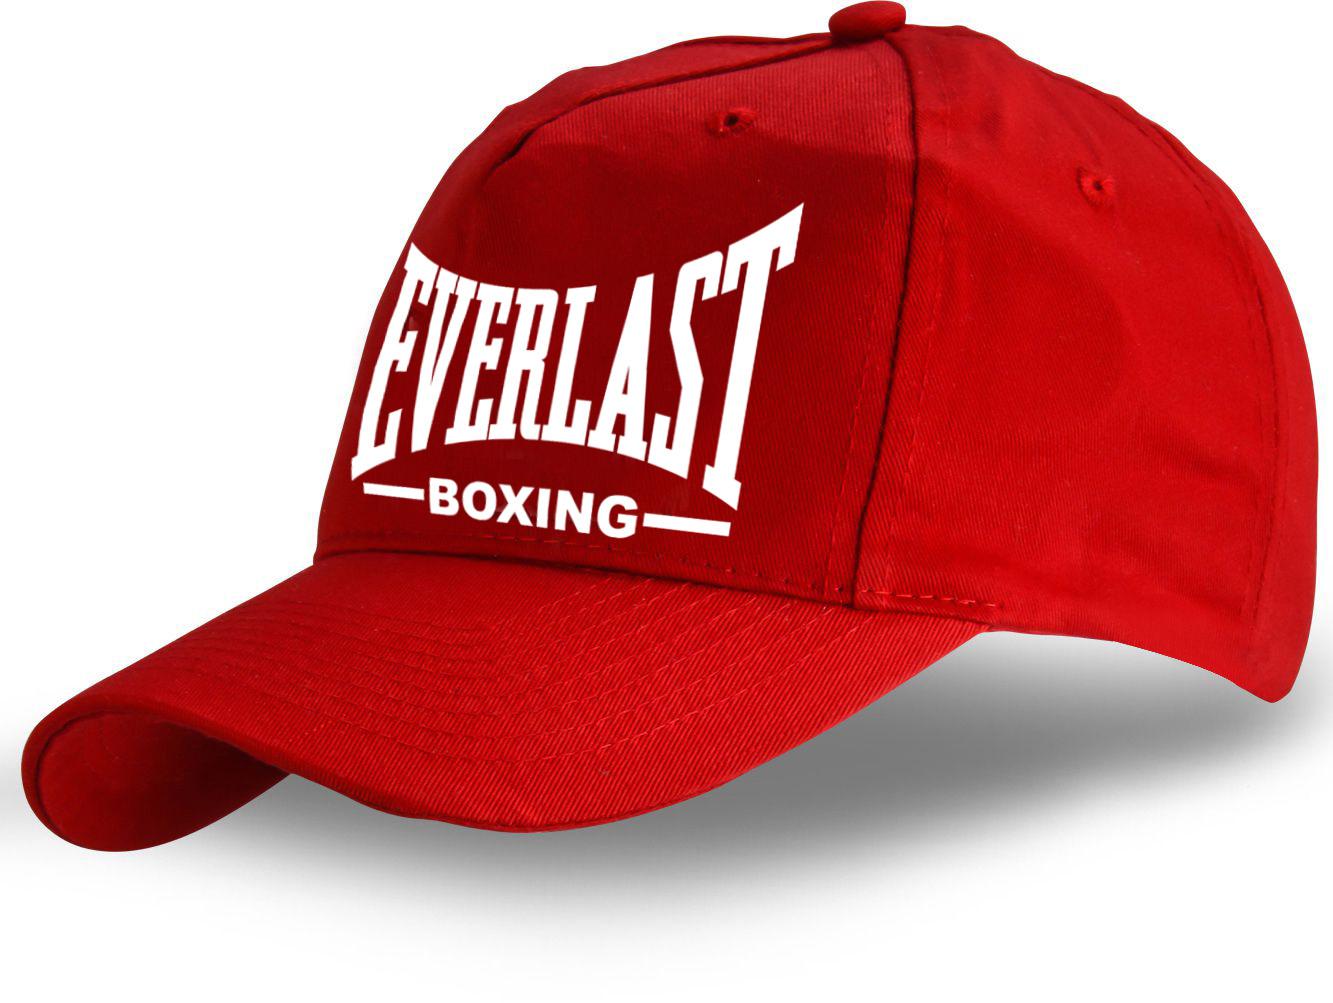 Красная кепка Everlast - купить в интернет-магазине